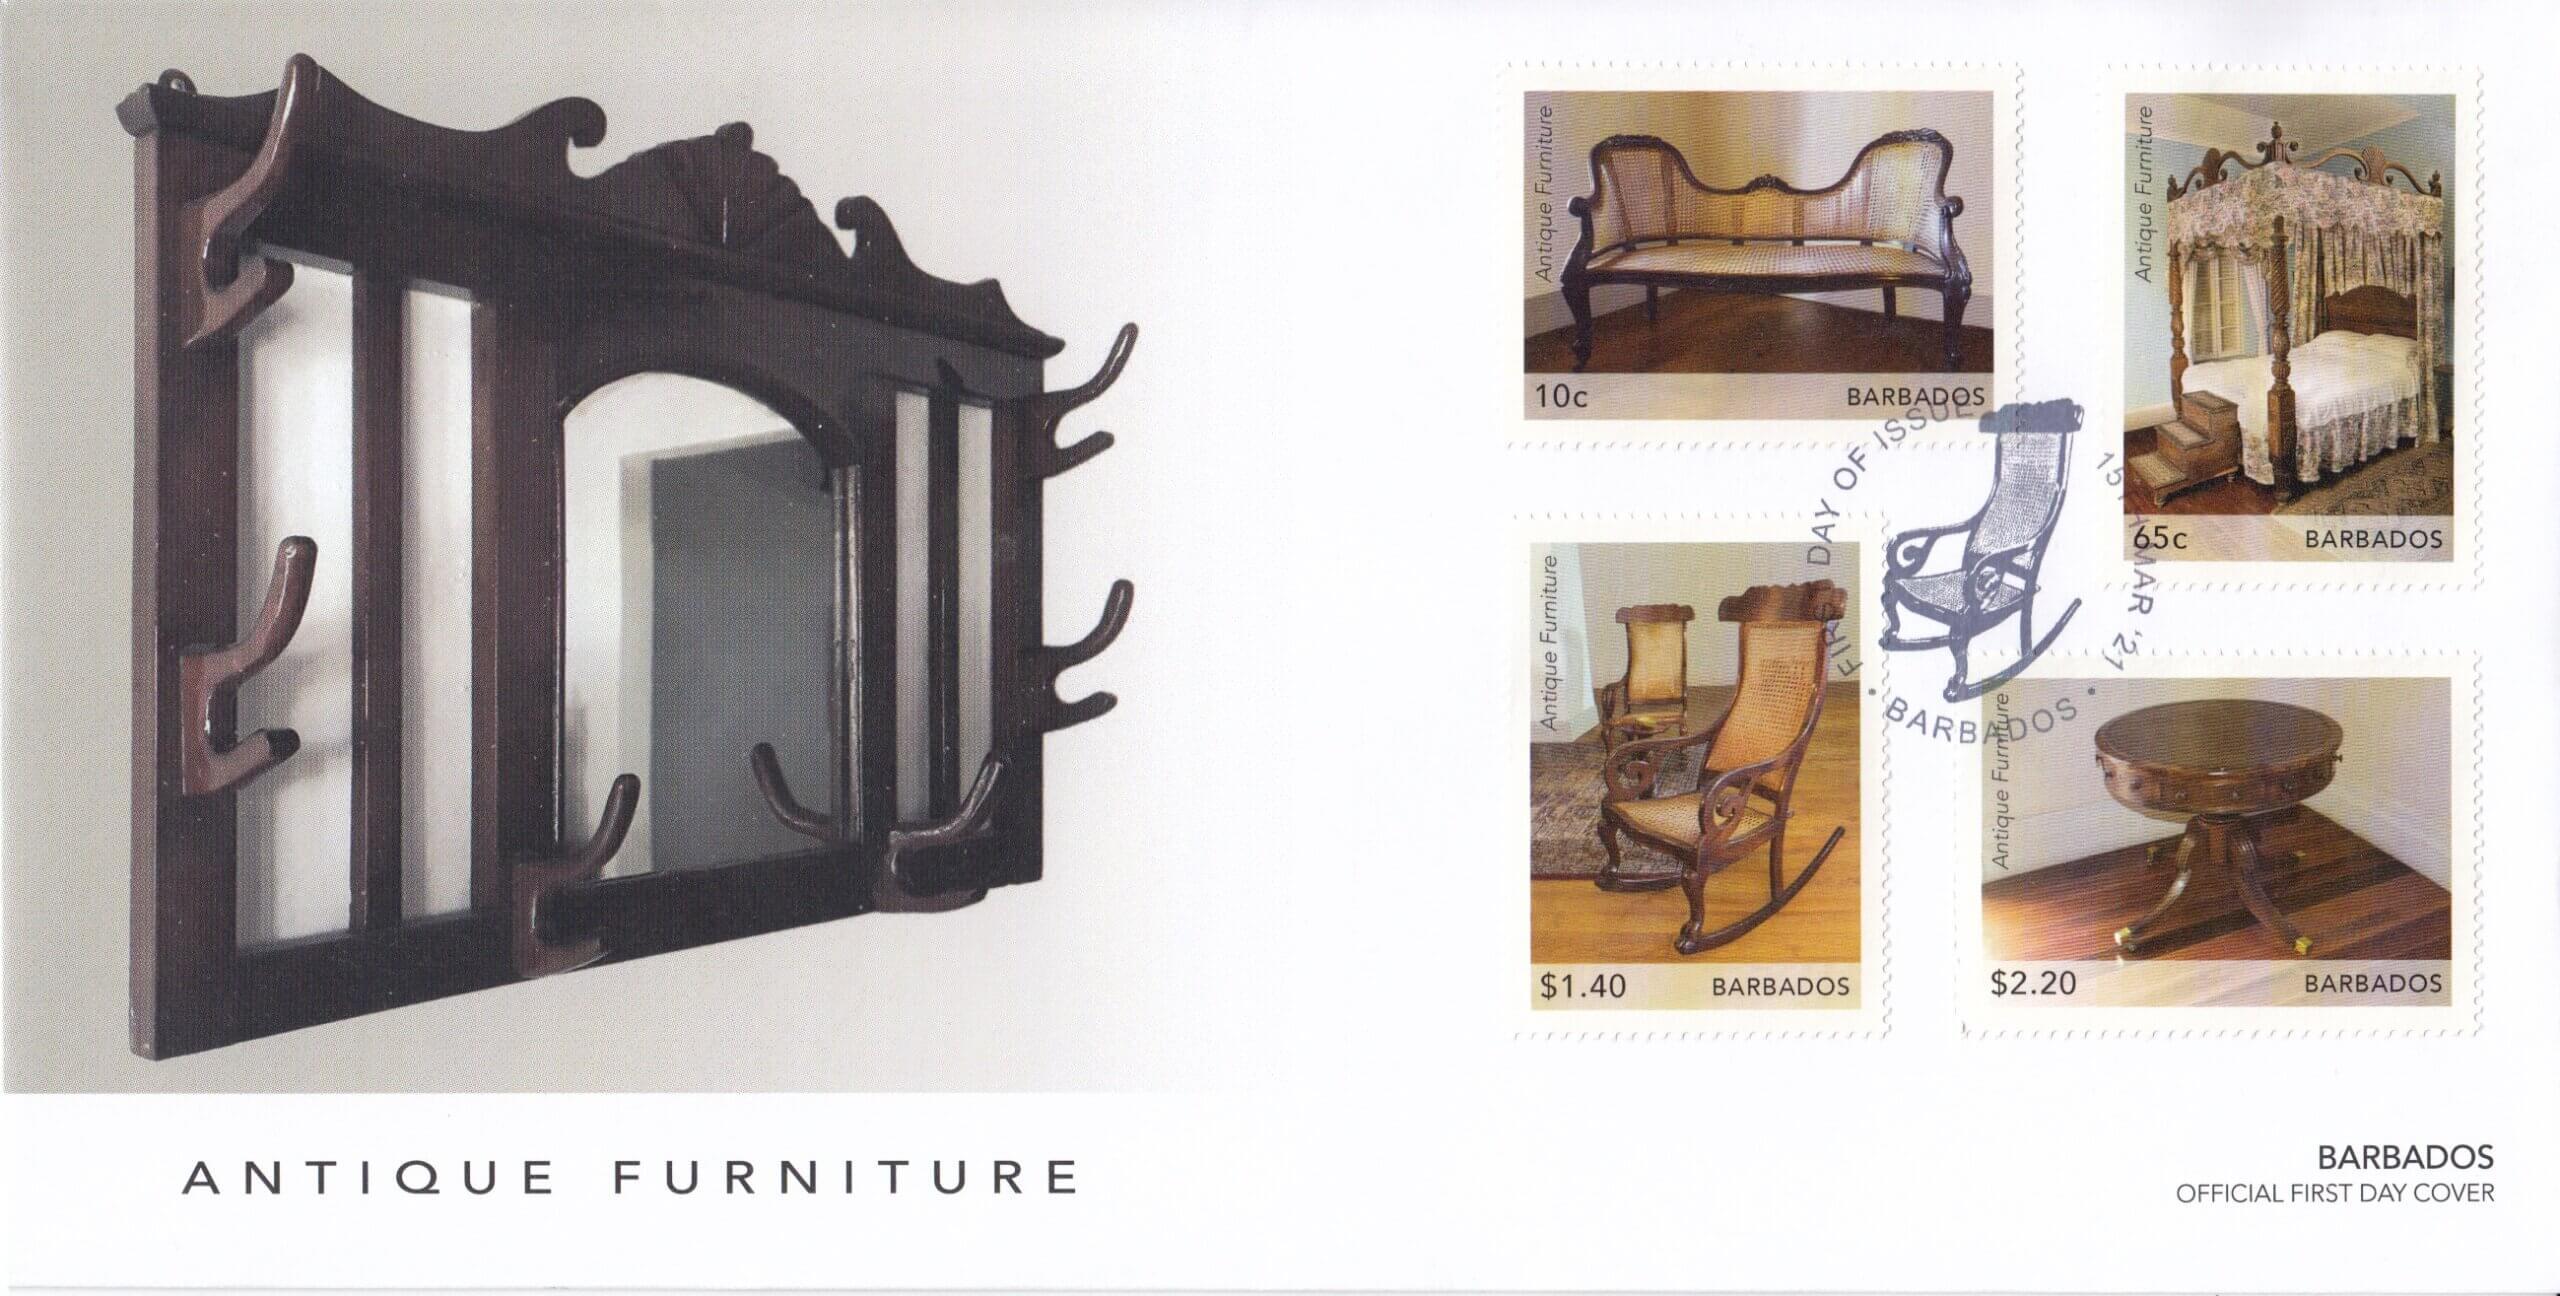 Barbados 2021 Antique Furniture FDC